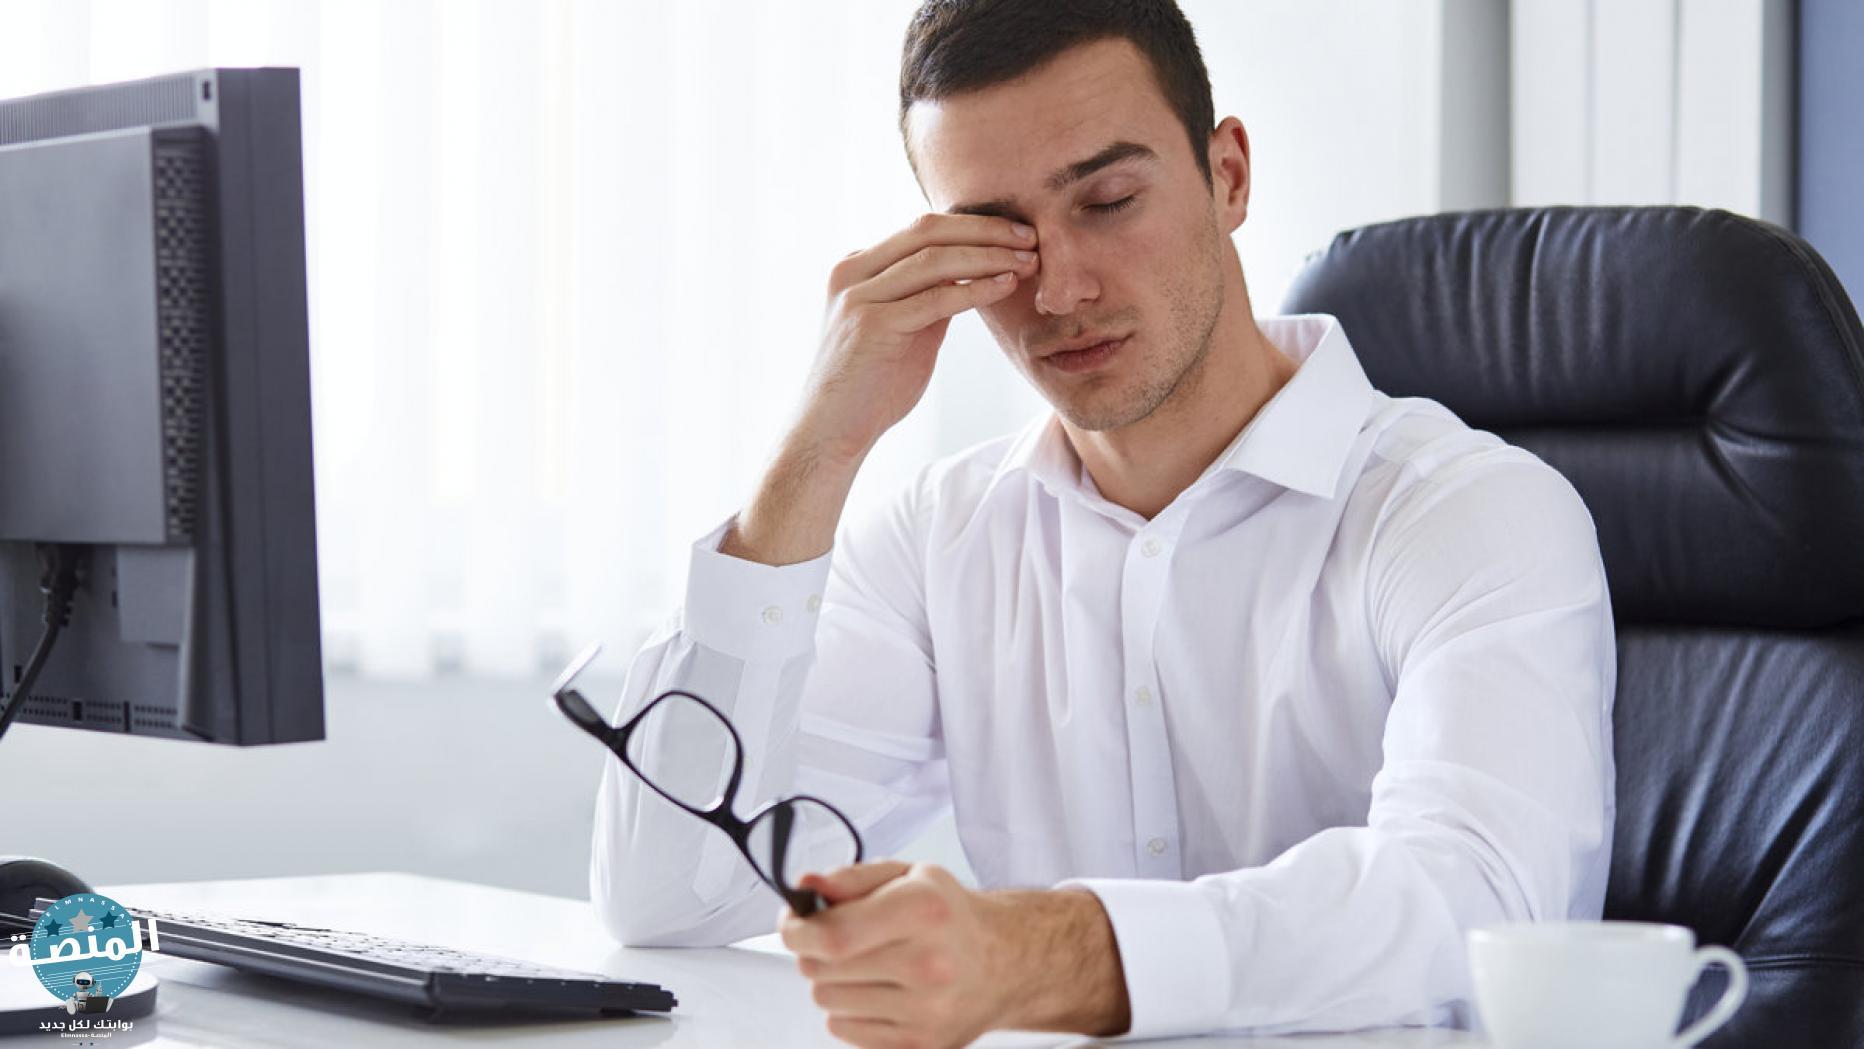 أضرار أجهزة الكمبيوتر علي العين